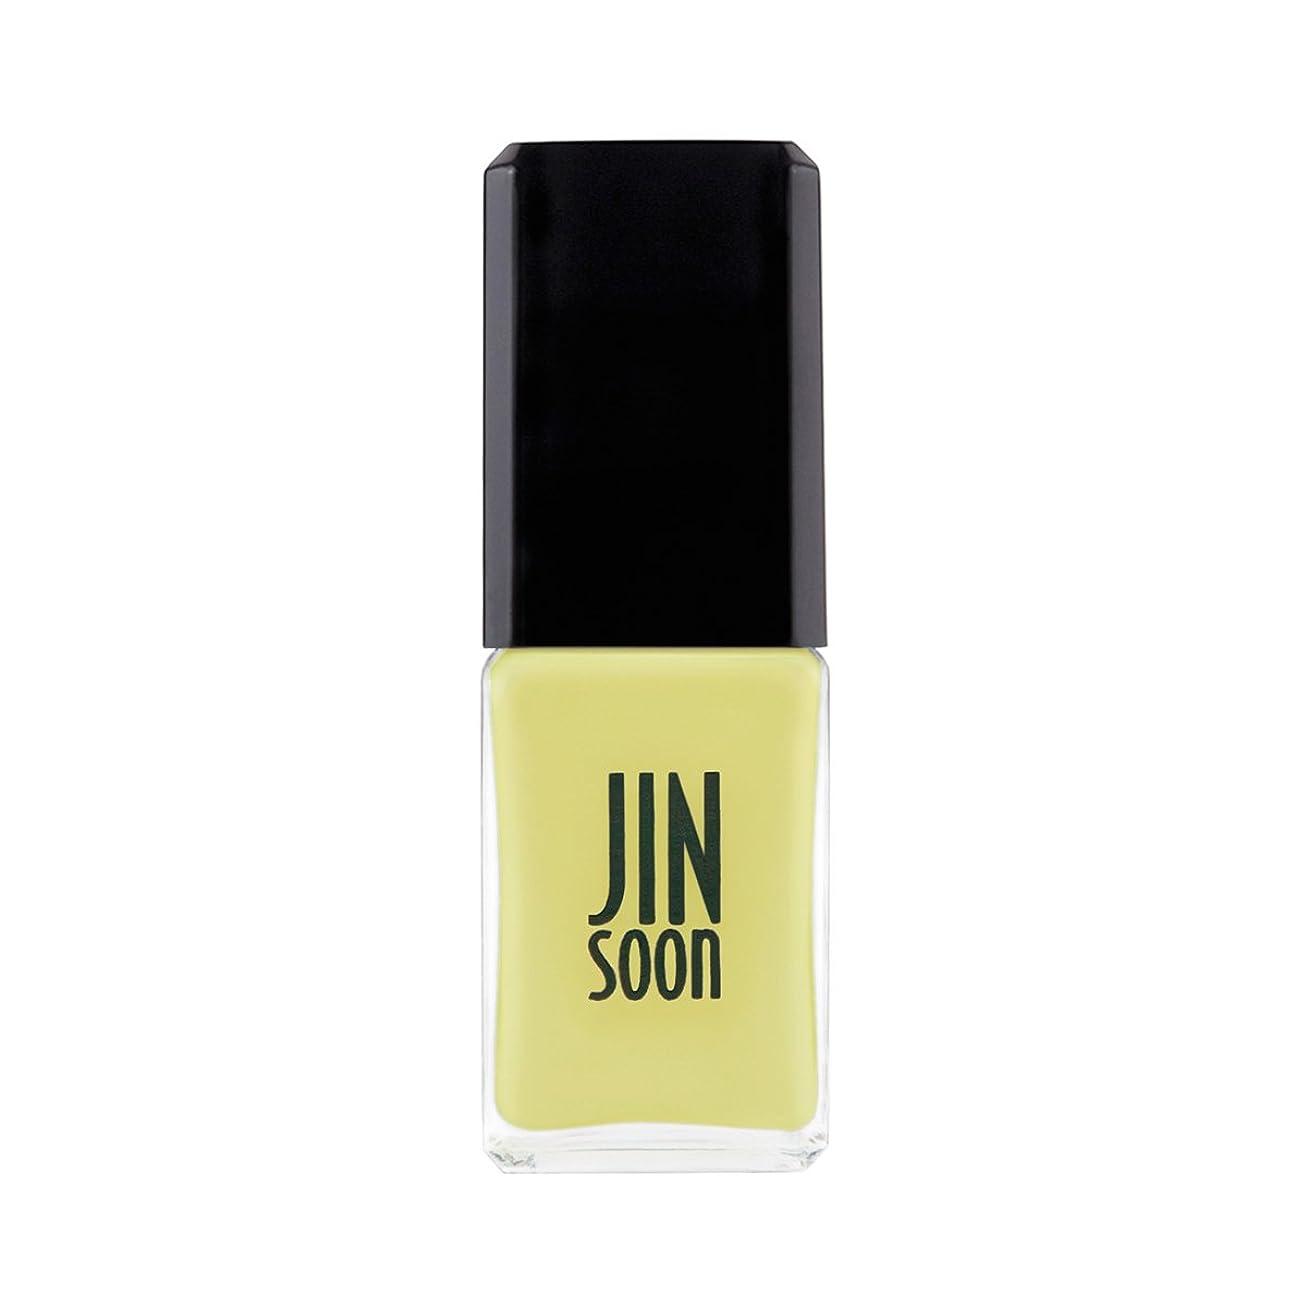 フリッパー二一目[ジンスーン] [ jinsoon] シャルム Charme ジンスーンネイルポリッシュ 爪に優しい成分 11mL